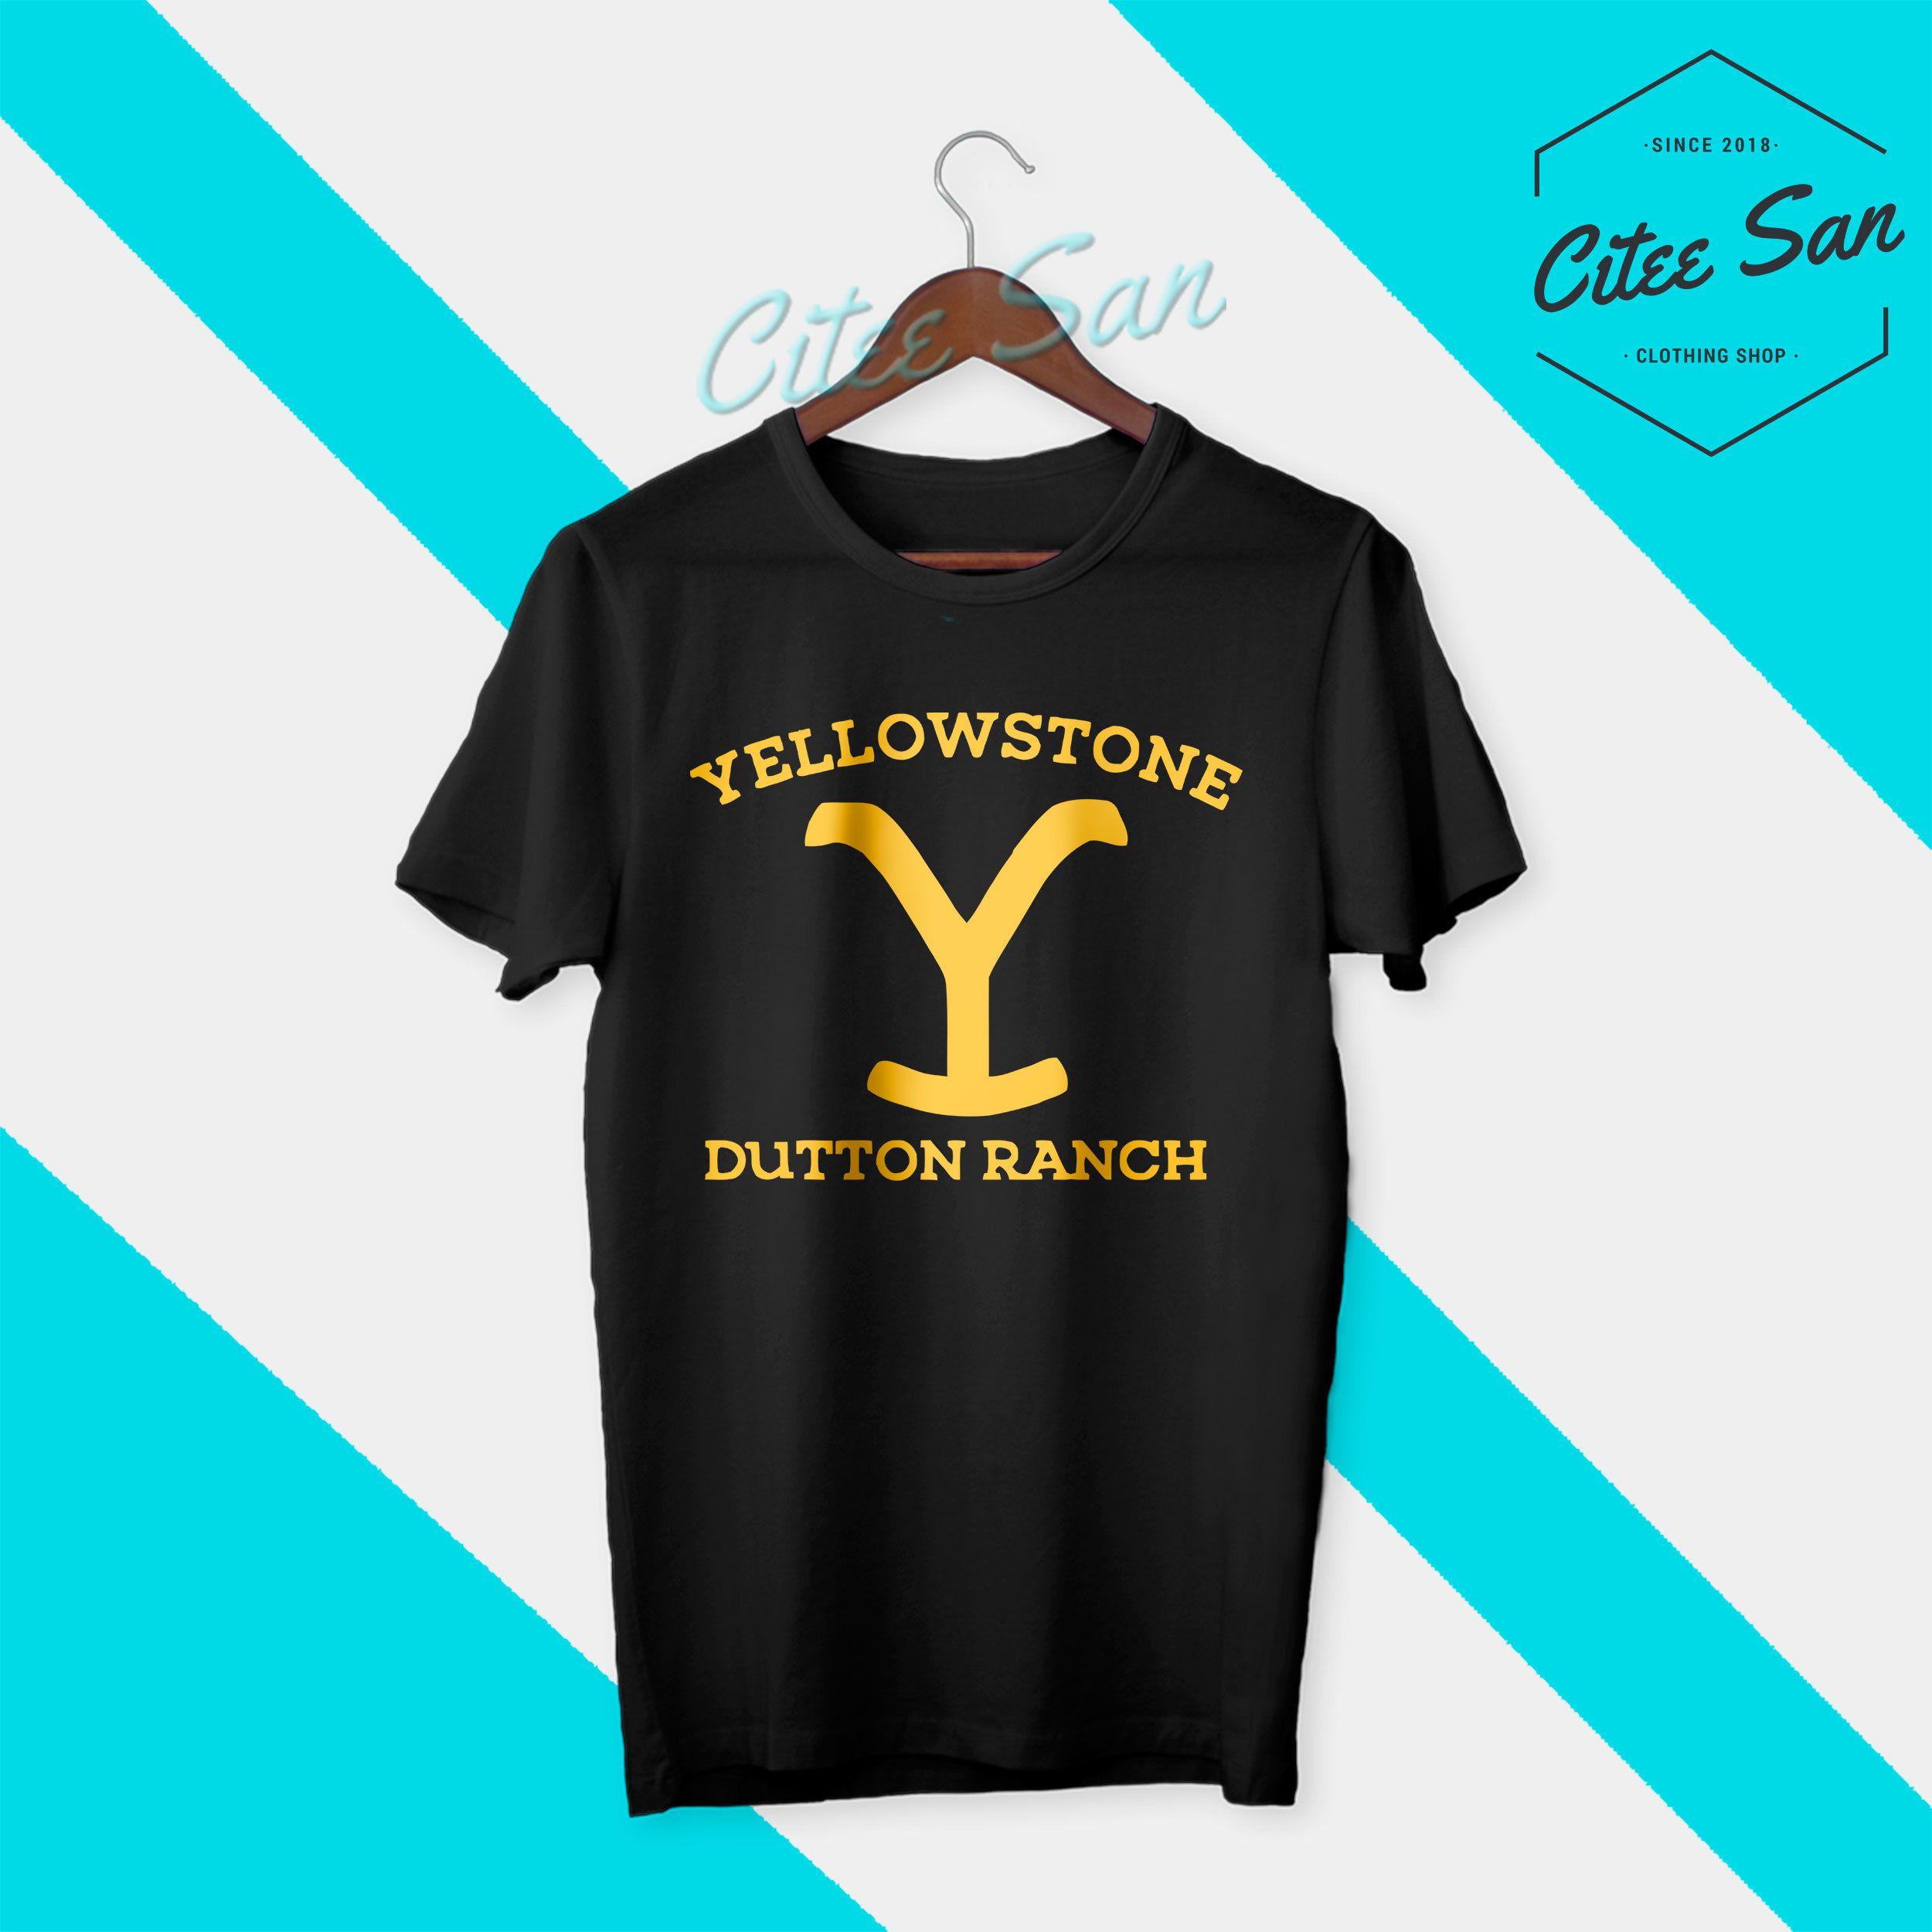 Yellowstone Dutton Ranch T Shirt Yellowstone Vintage Shirt Etsy Parks Shirts Vintage Shirts Yellowstone T Shirts